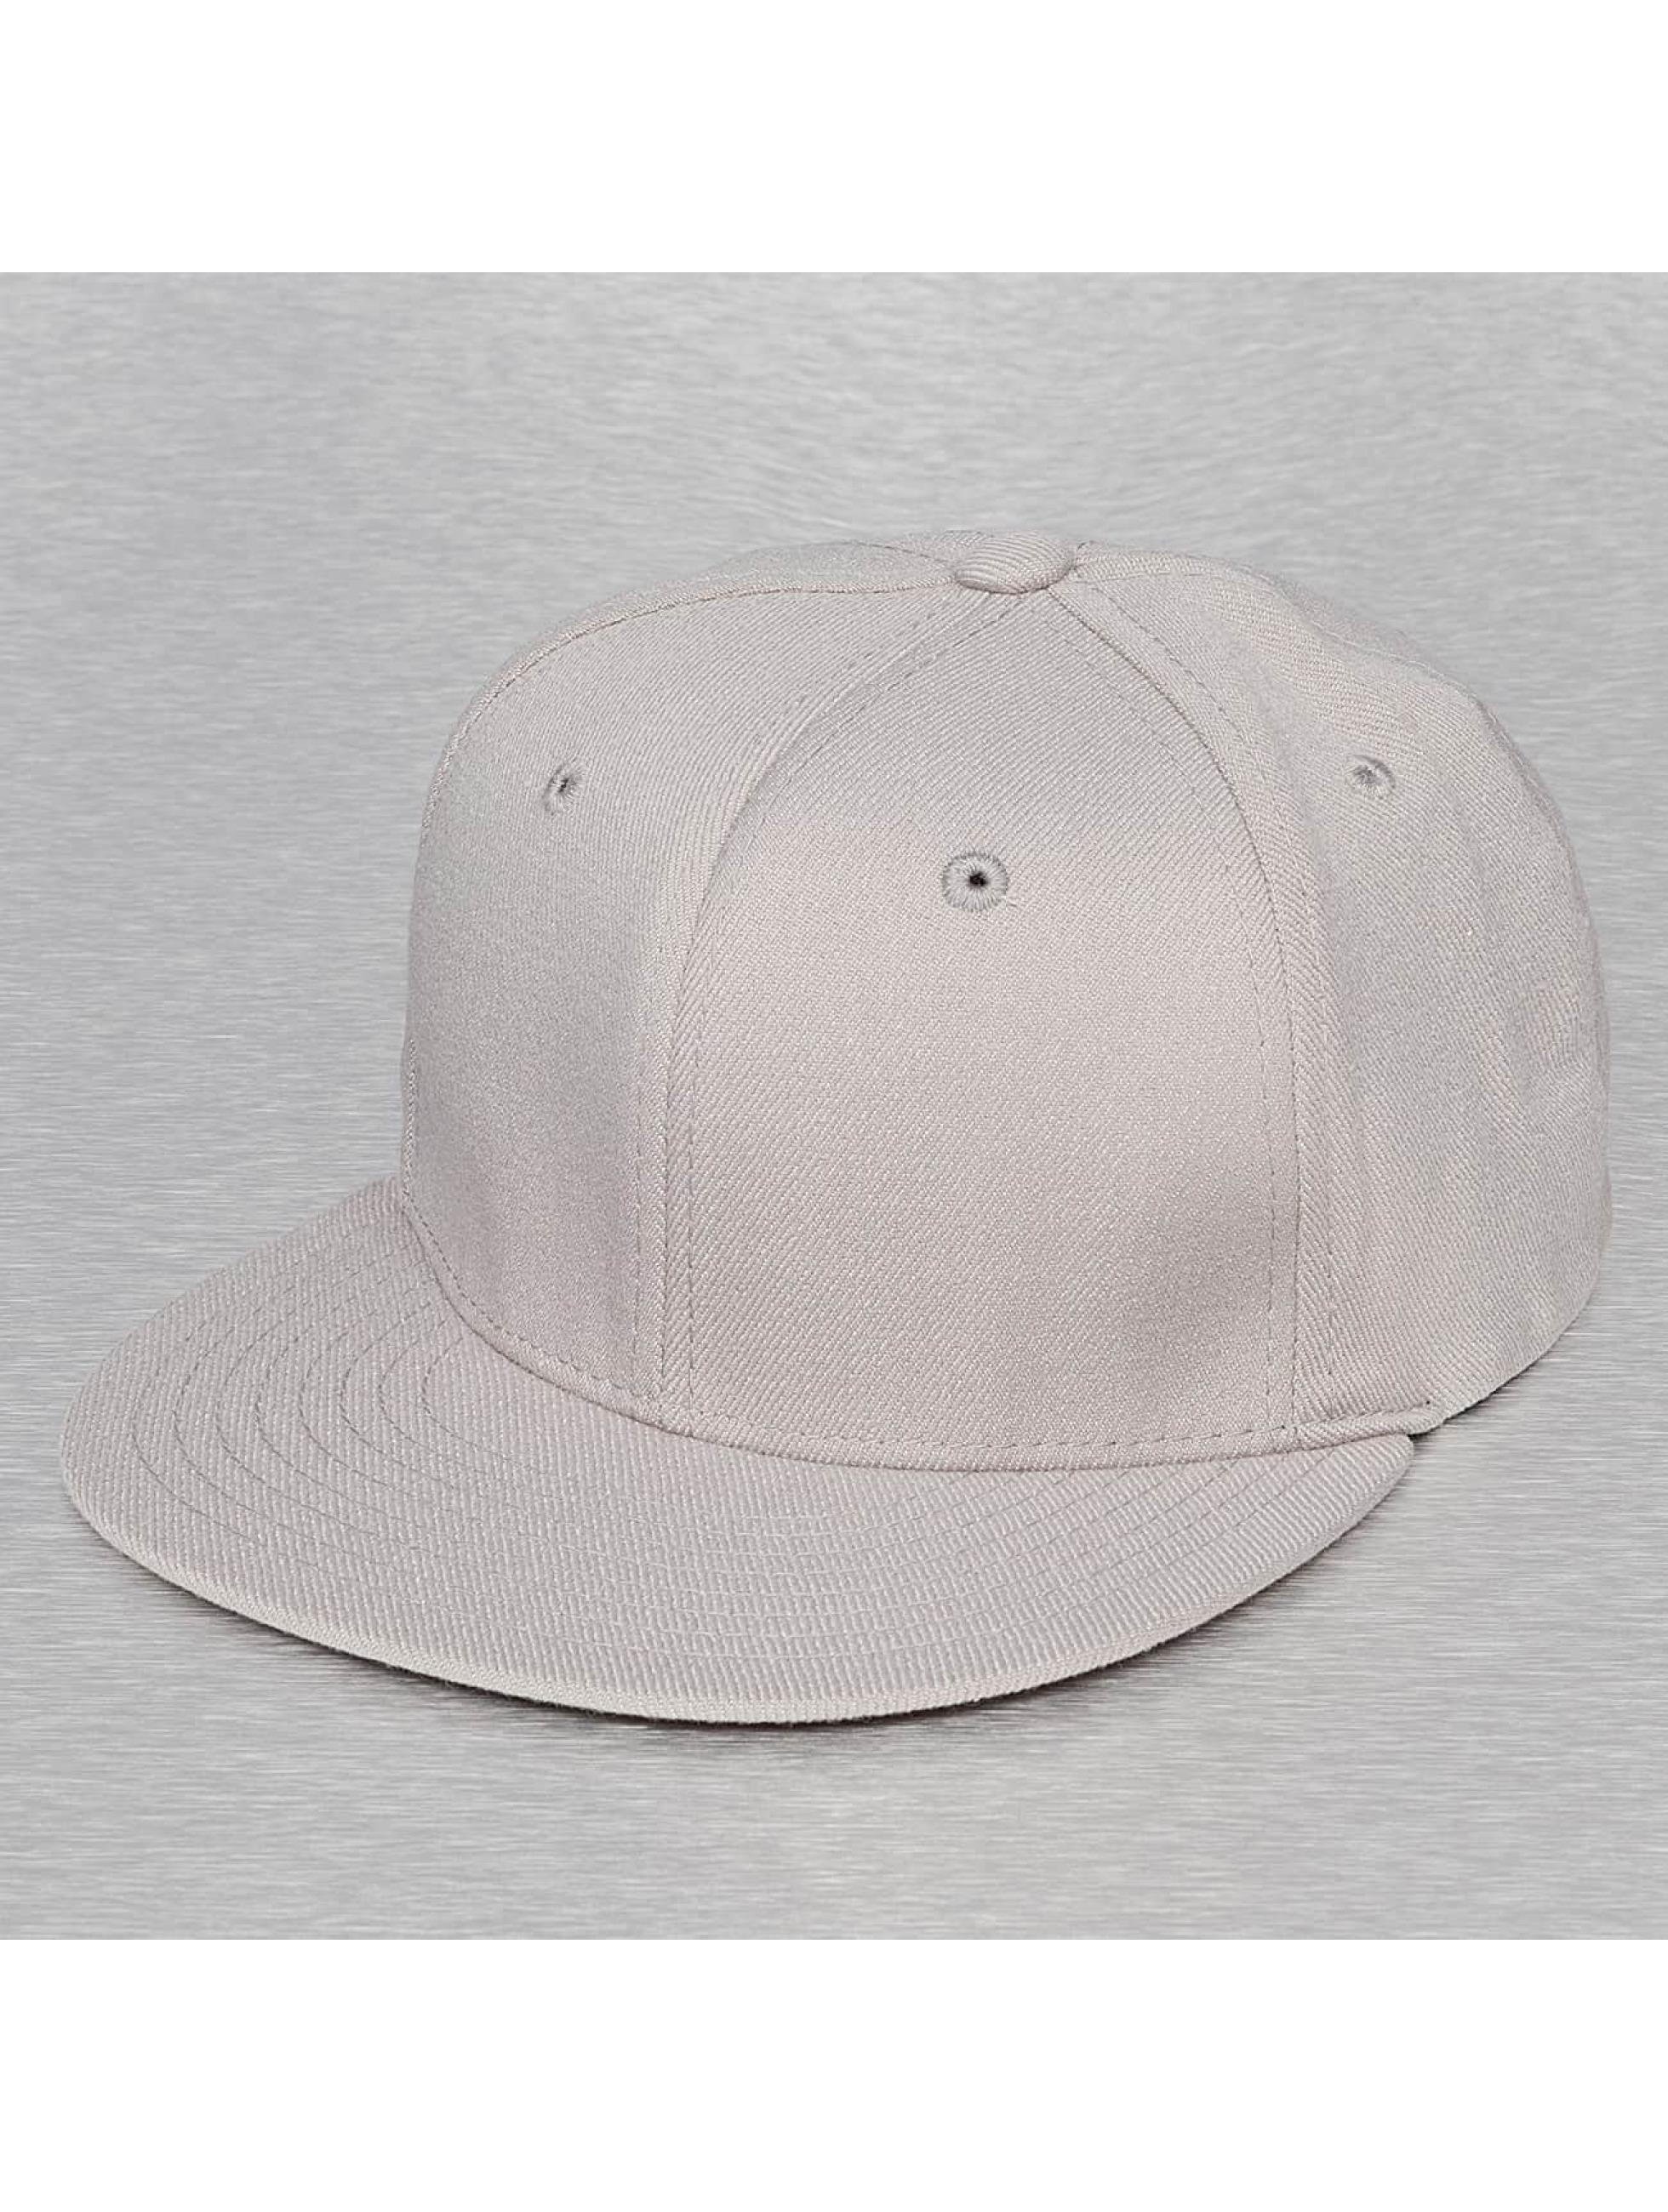 Decky USA Männer,Frauen Flexfitted Cap Flat Bill in grau